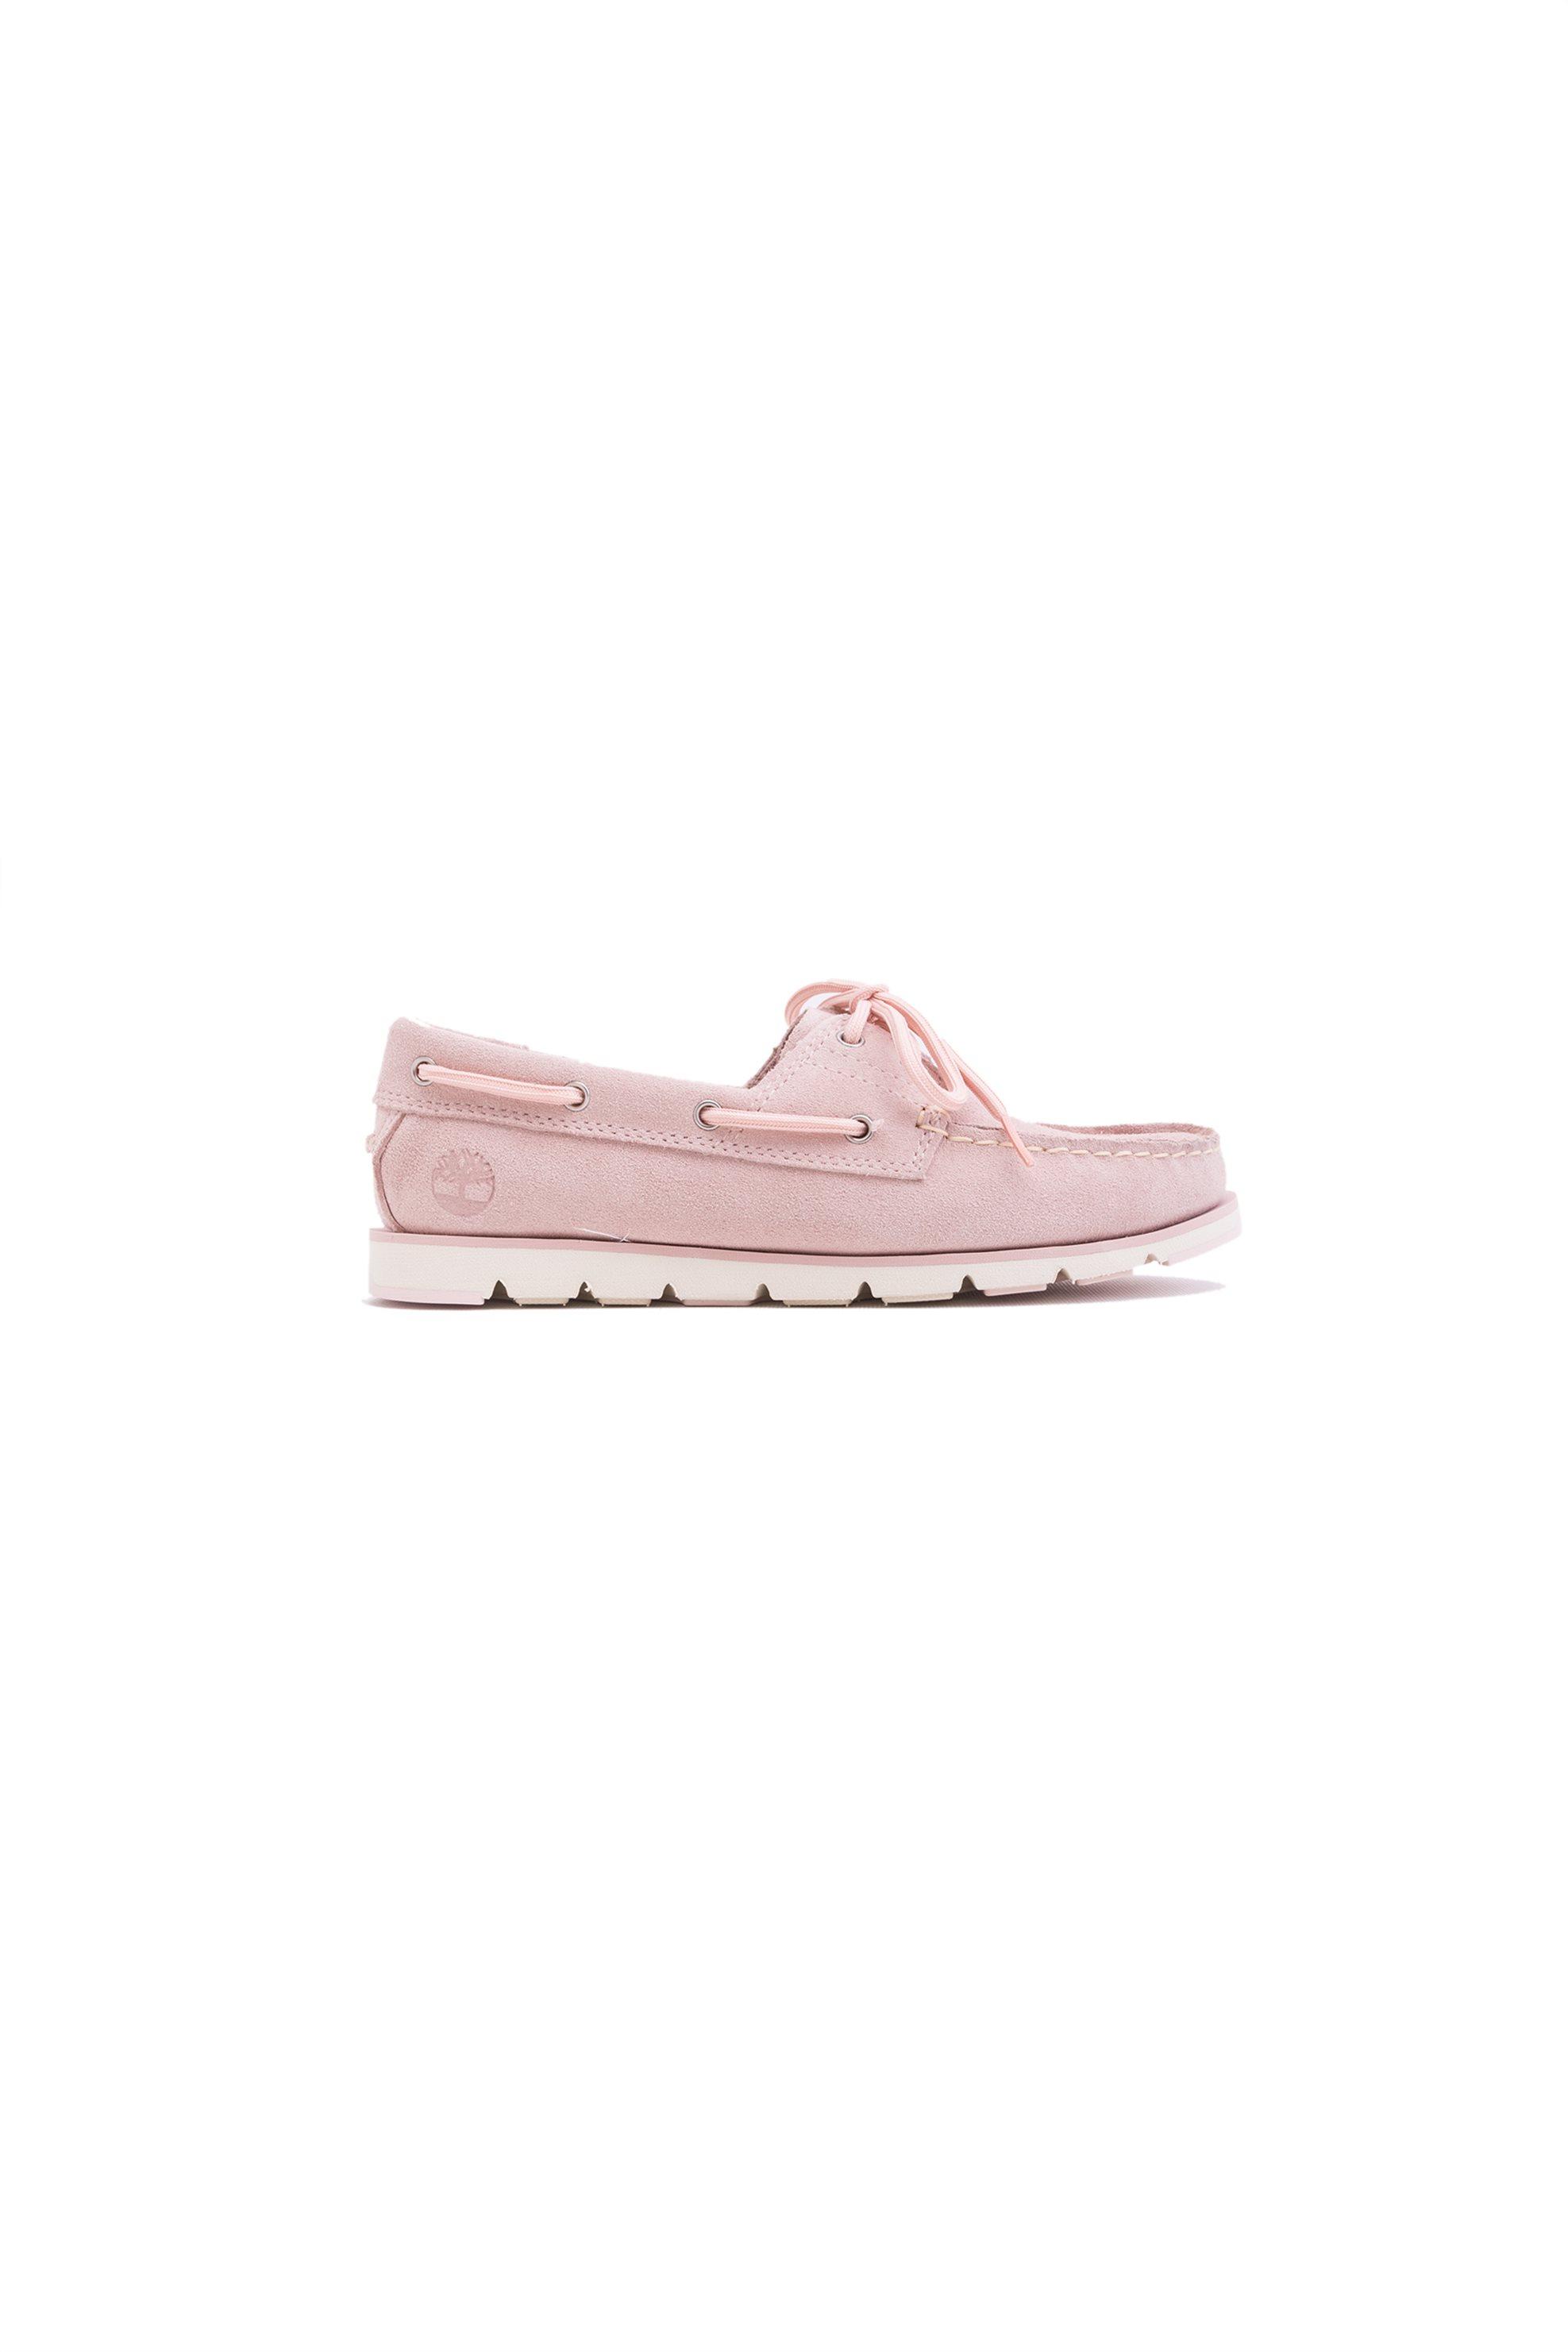 Γυναικεία ροζ Camden Falls Boat Timberland - CA1P83 - Ροζ